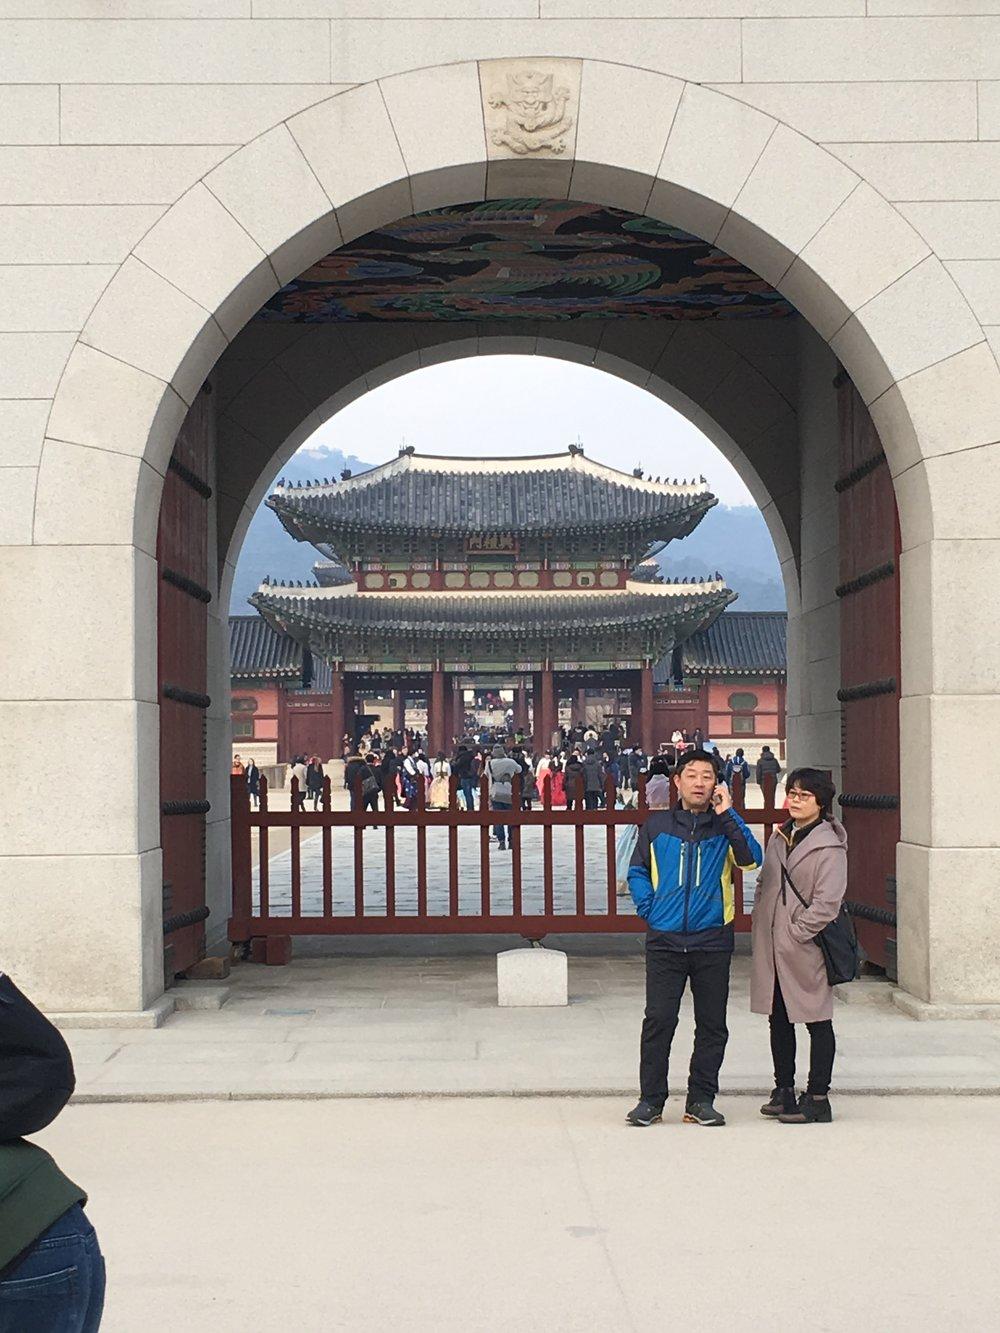 Gyeongbokdung Palace